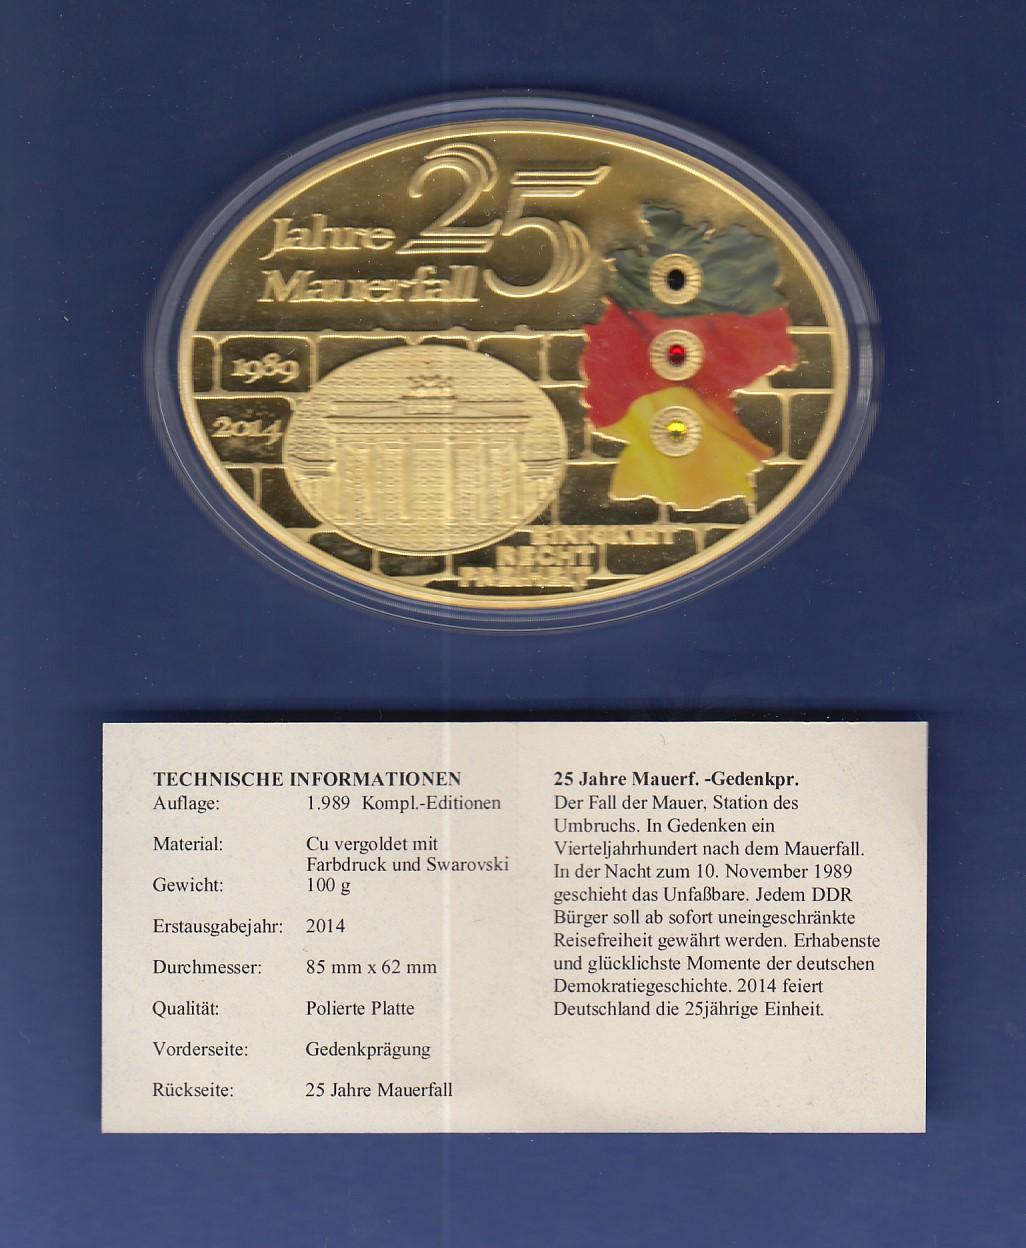 Ovale Gigant Medaille 100g 25 Jahre Mauerfall Vergoldet Mit